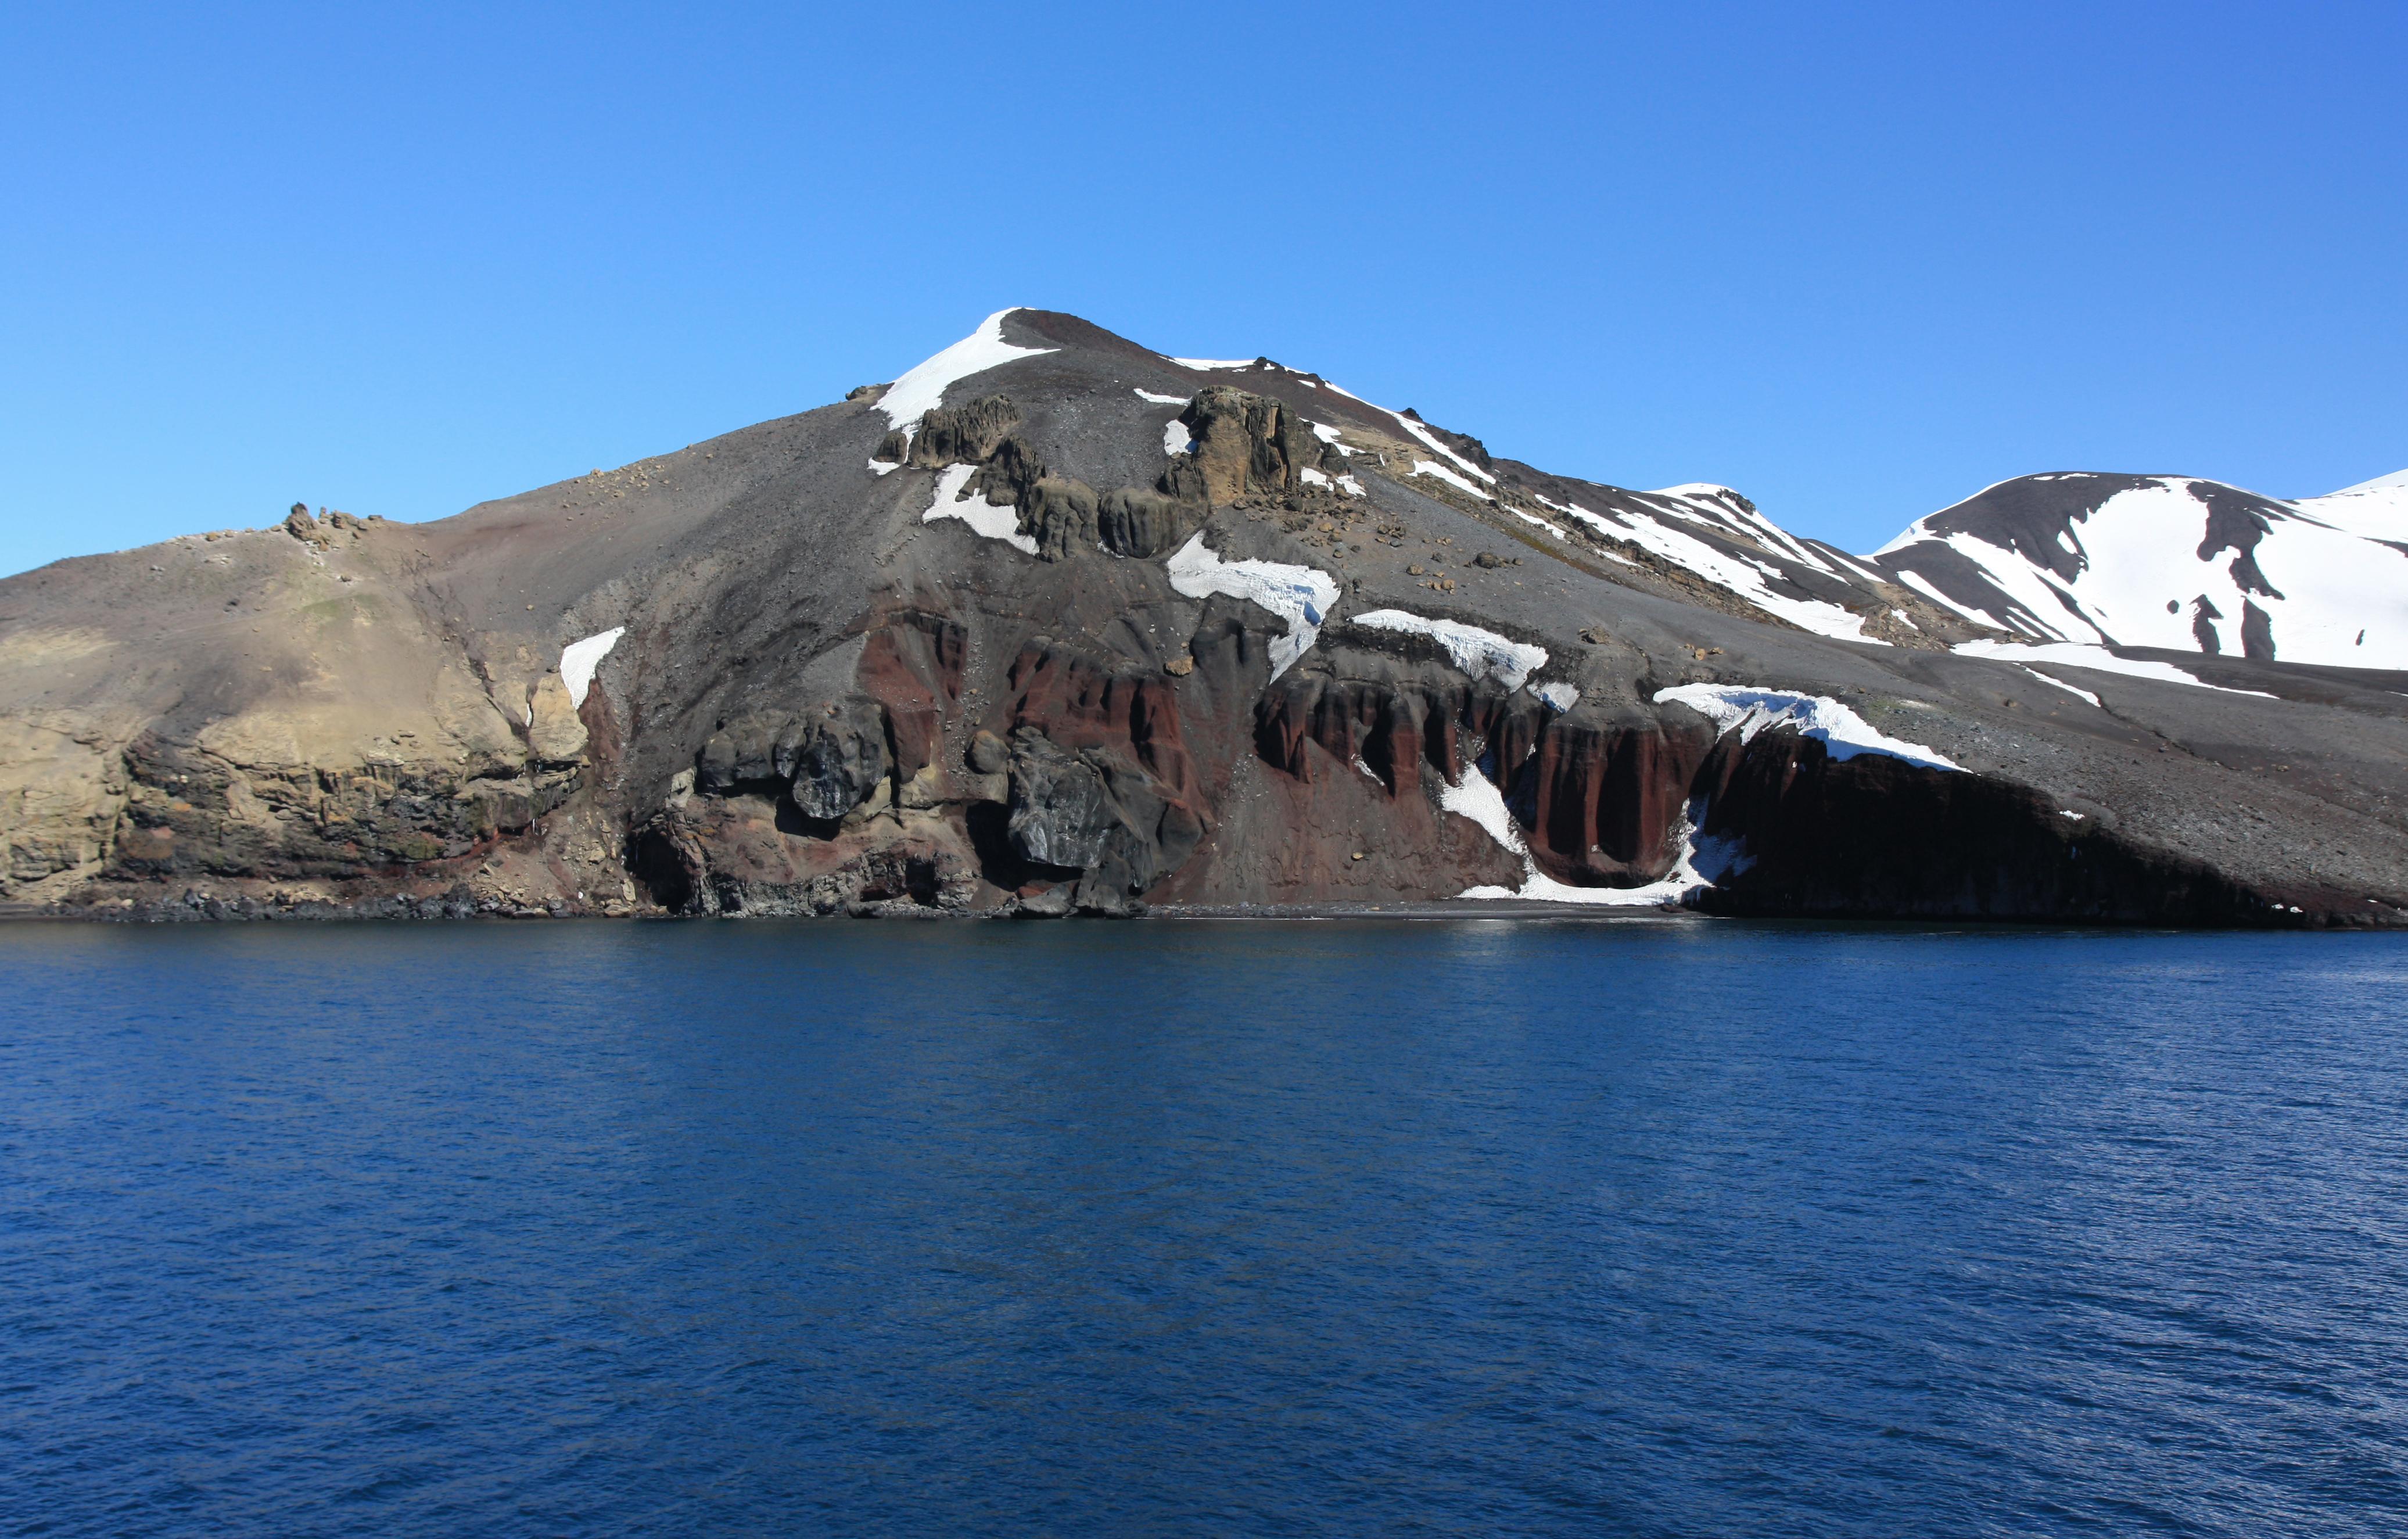 im Vordergrund des Bildes sieht man ruhiges antarktisches Meer vor einem Berg.